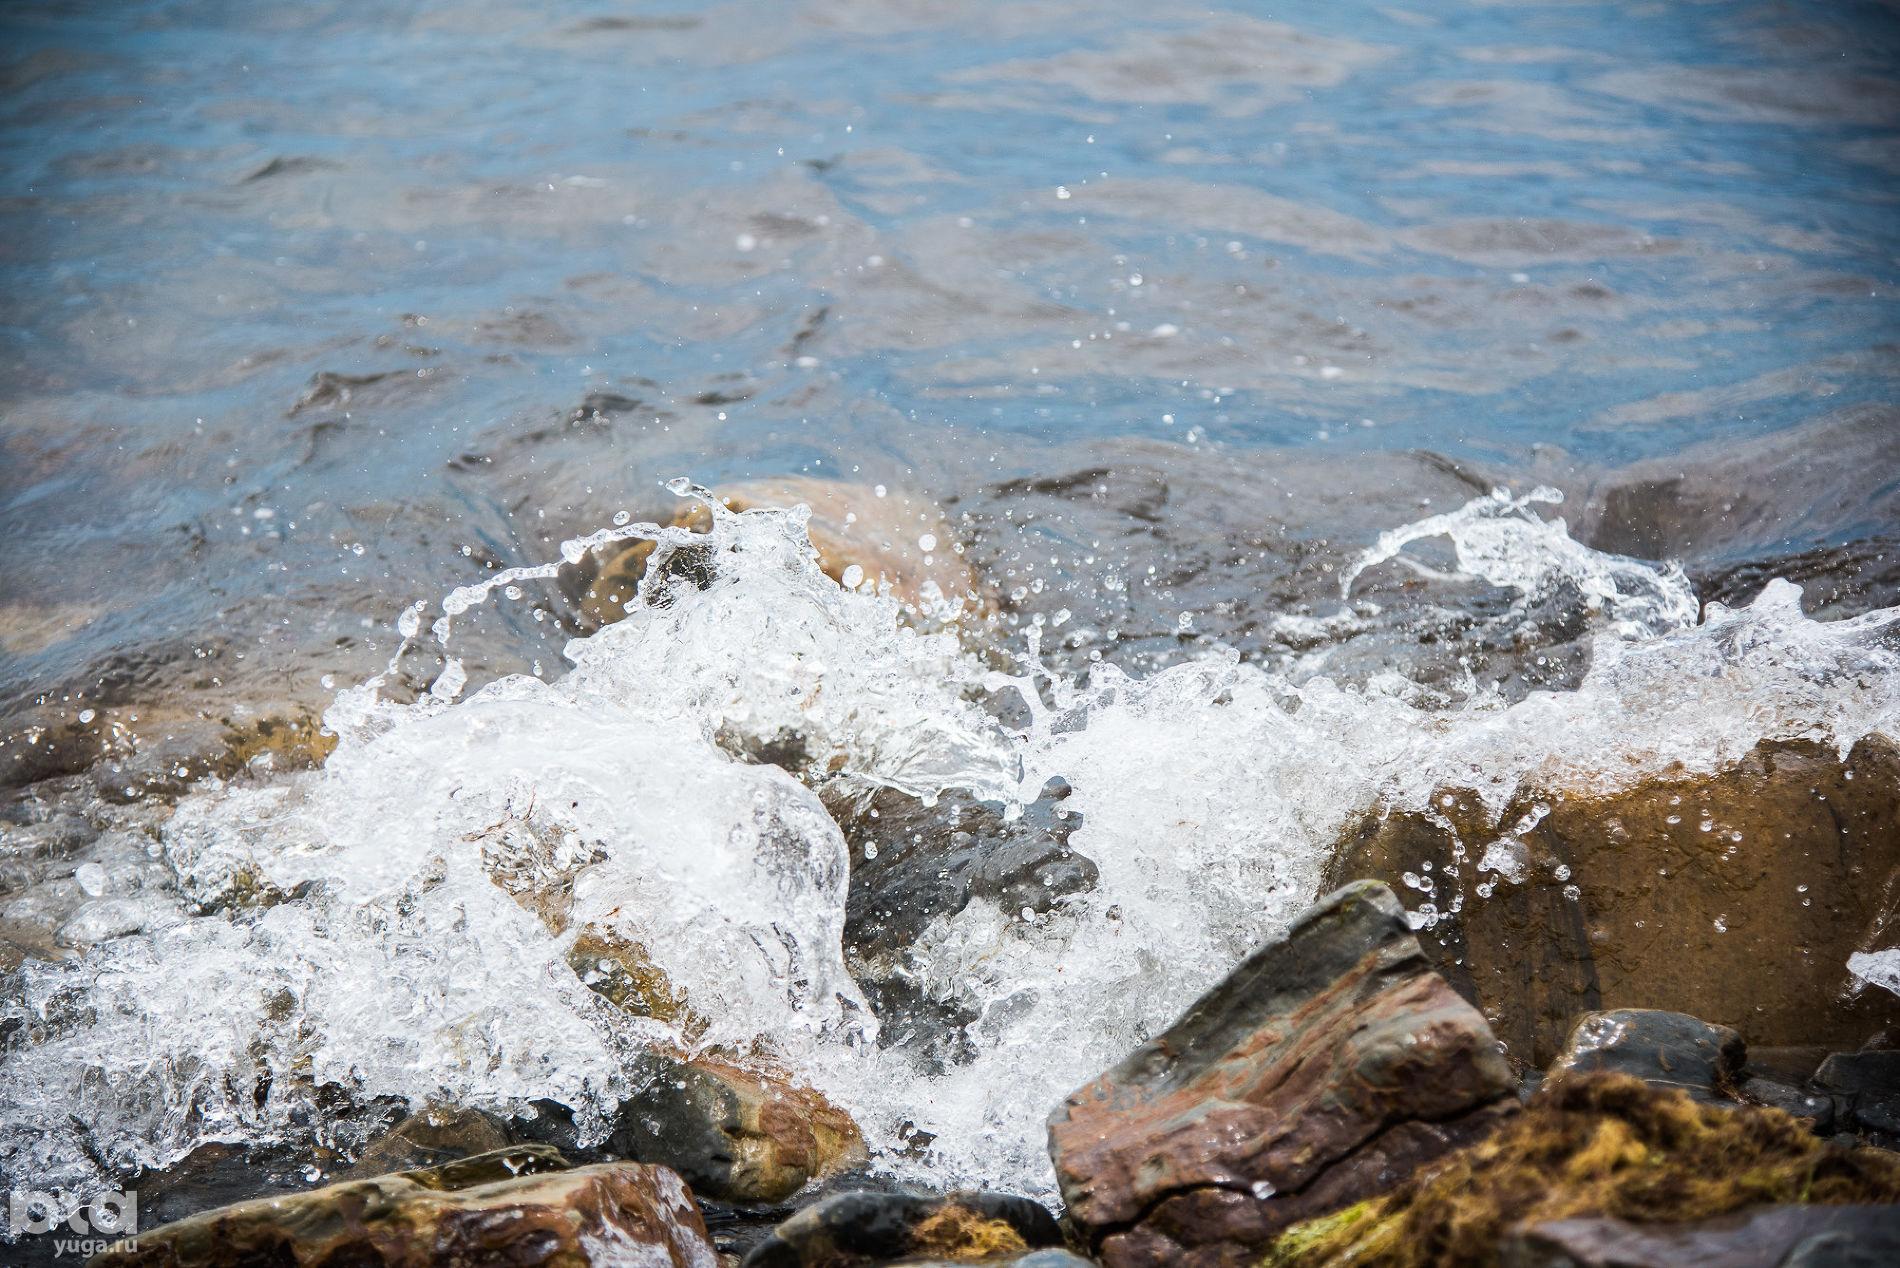 В Кирилловке отдыхающие обнаружили на берегу моря труп